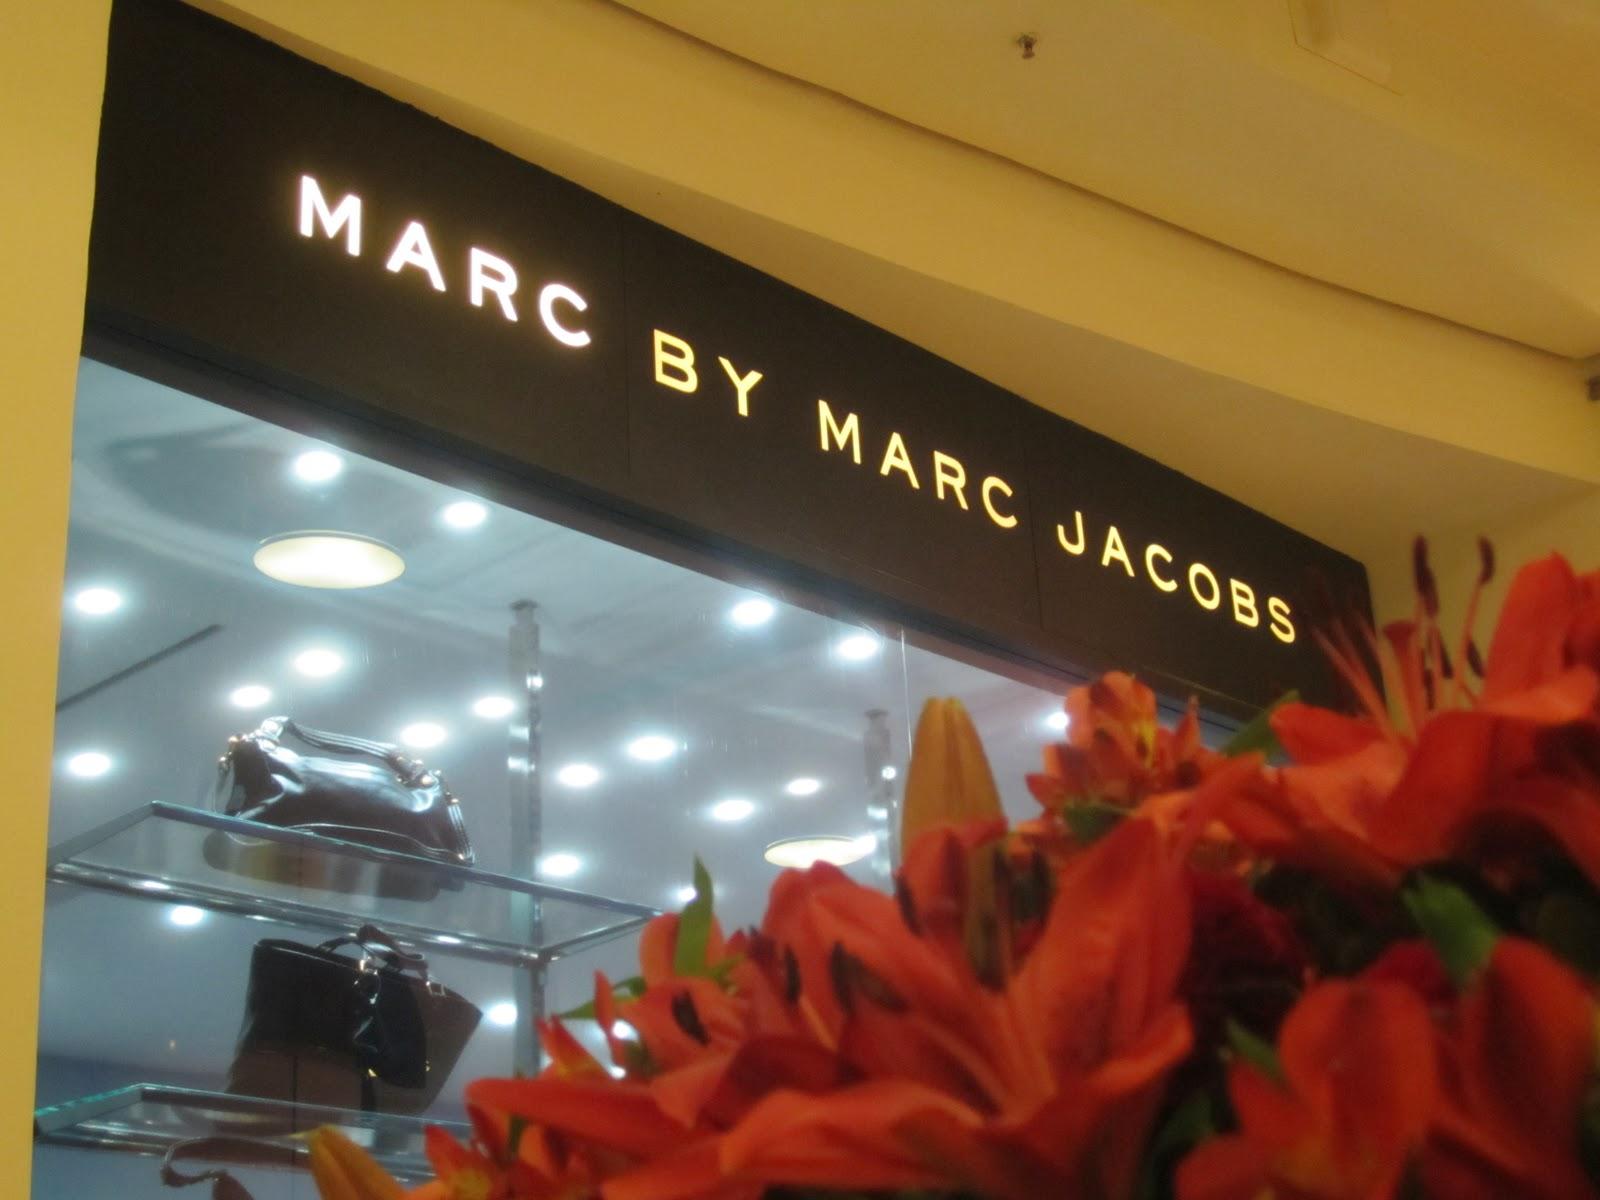 Marc Jacobs ganhou loja no Brasil em 2009, em espaço acoplado à NK Store de  Natalie Klein, nos Jardins, em São Paulo. A inauguração do novo ponto de  venda ... b5cd2913fa